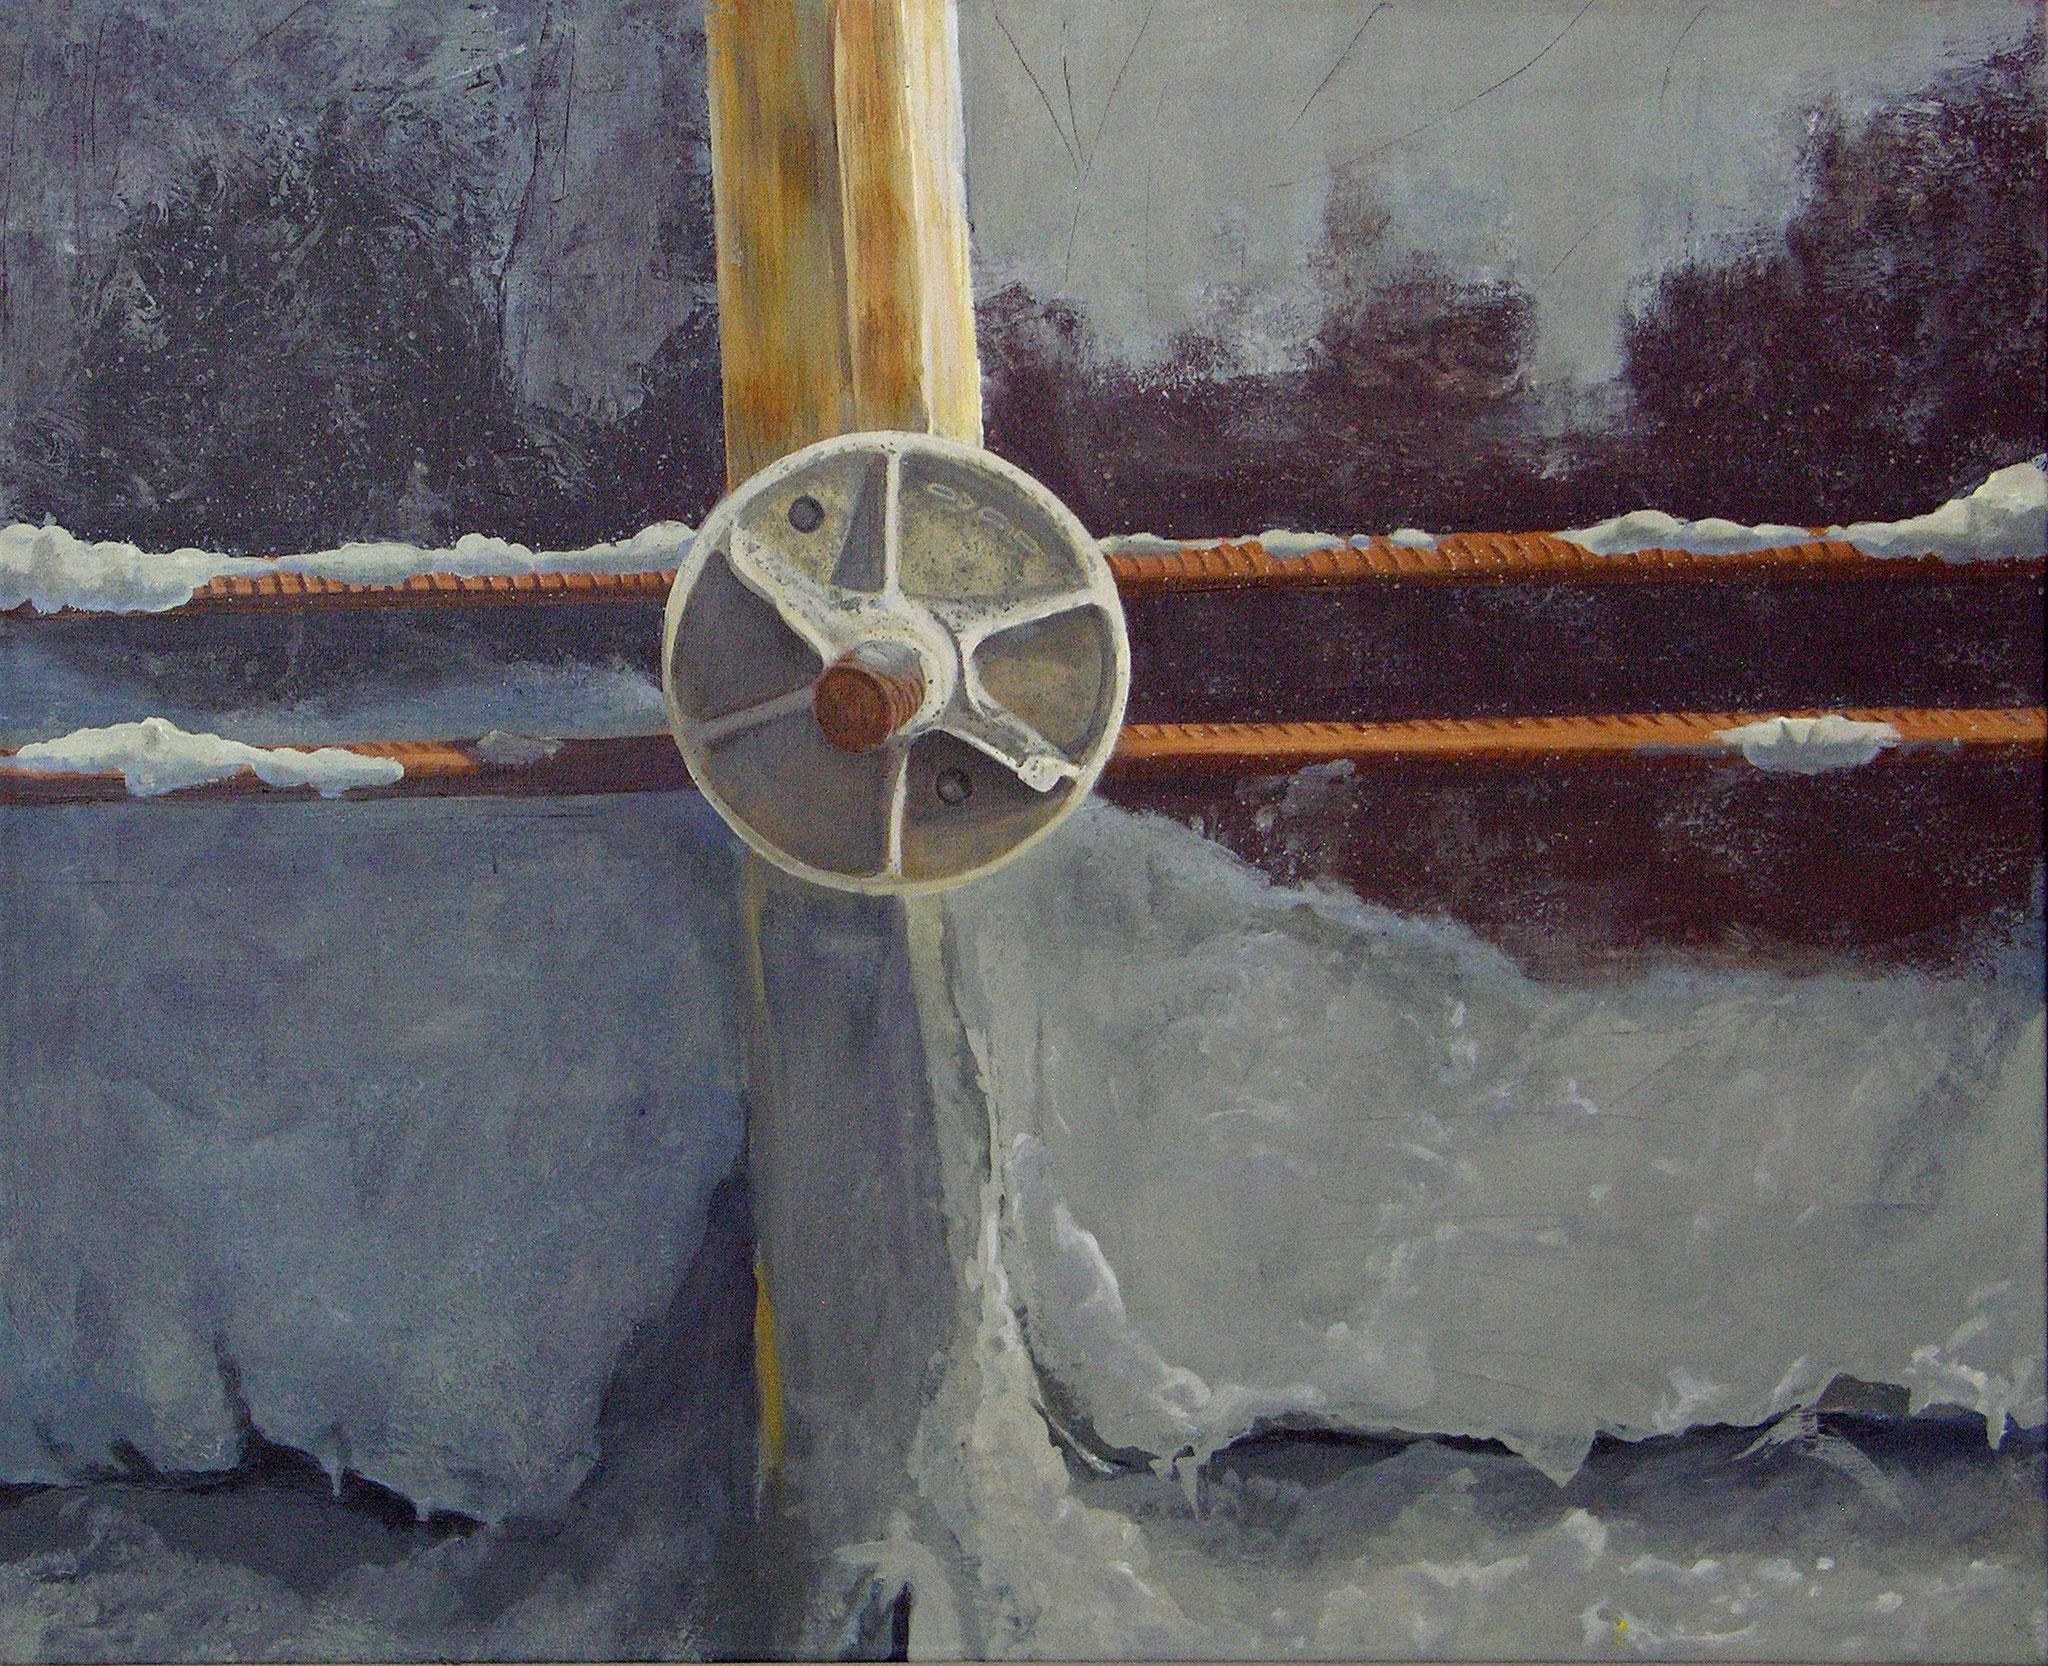 Acrylic on canvas , 108 x 79 cm, 2010